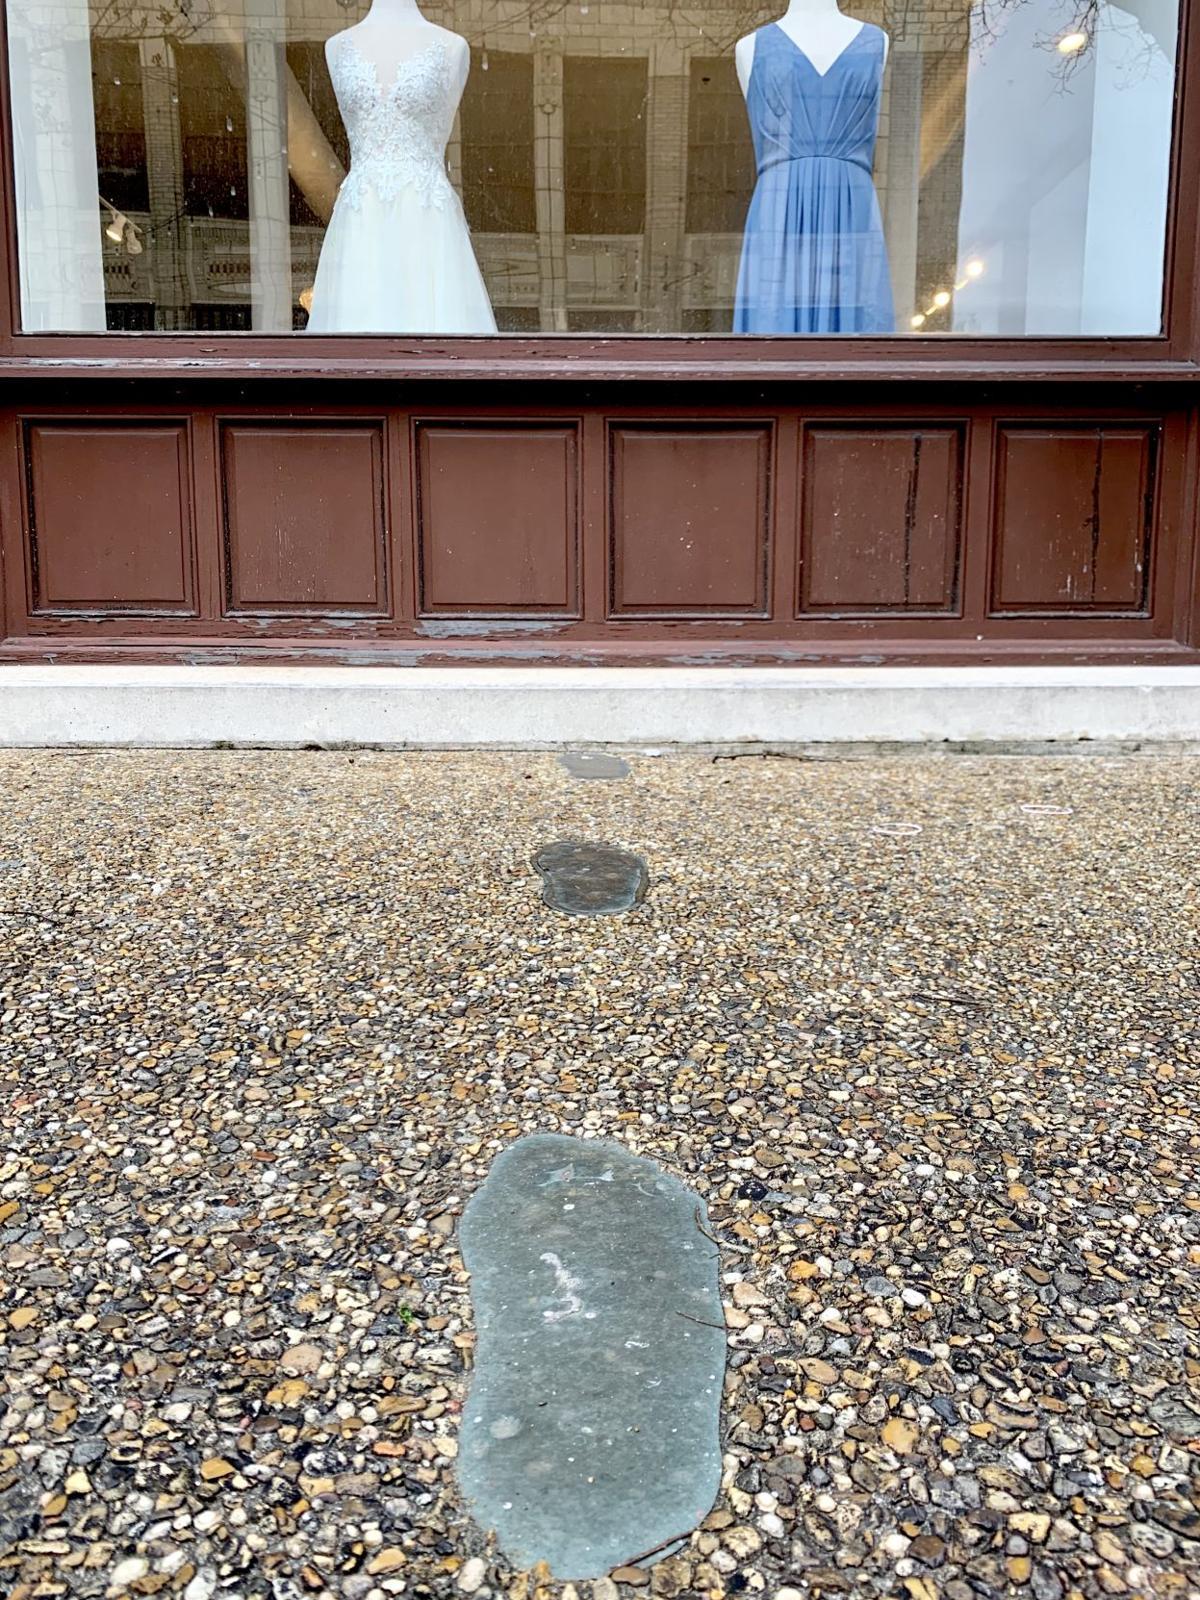 J. W. Fairley's footprints